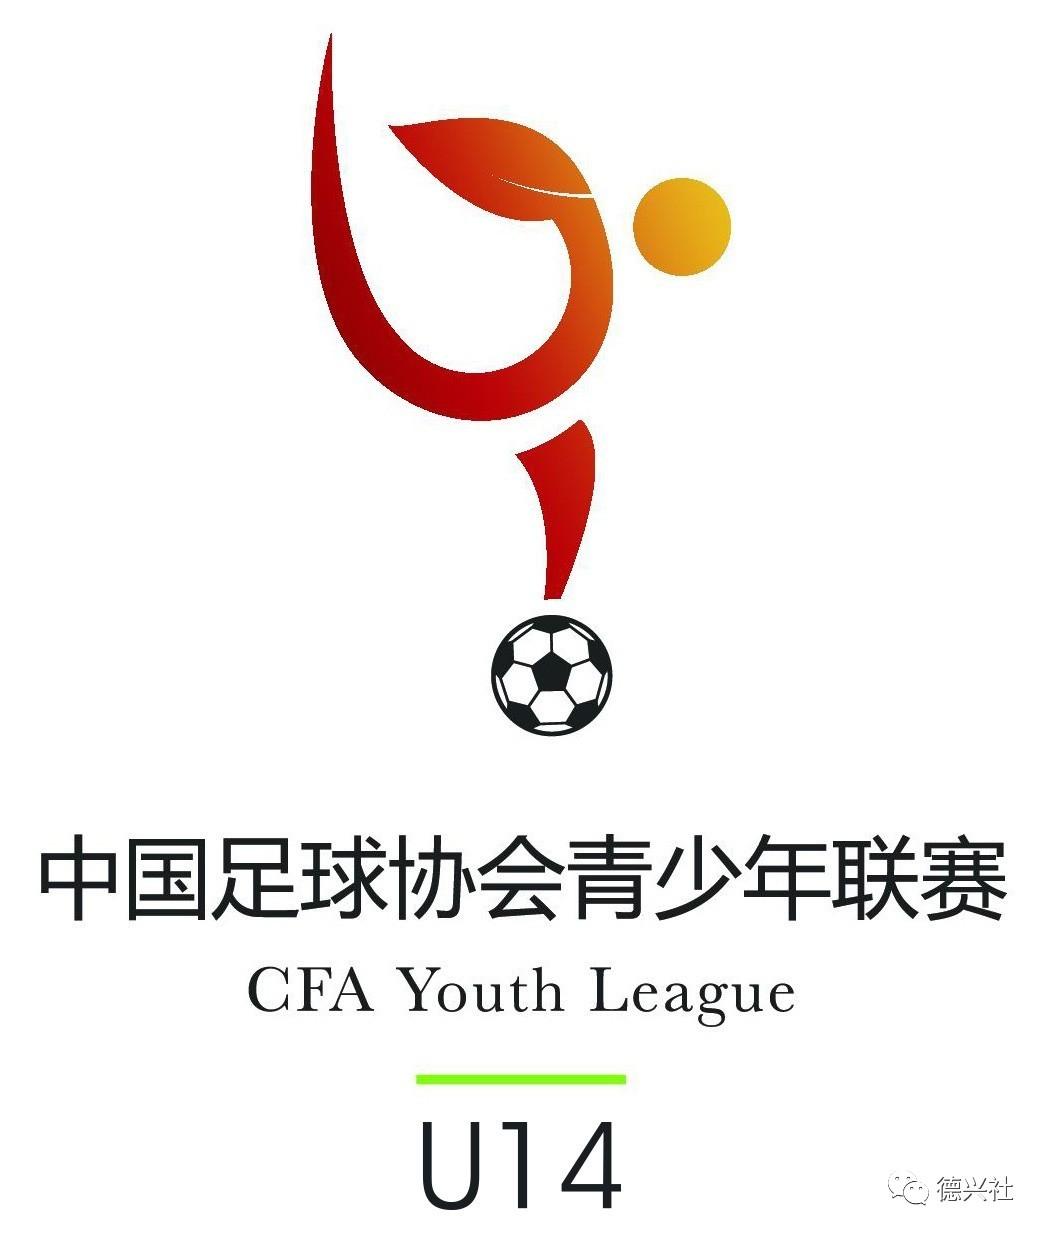 U14联赛第三阶段第二轮●上区恒大A队亚泰辅仁三队全胜 下区北京两队居小组首位